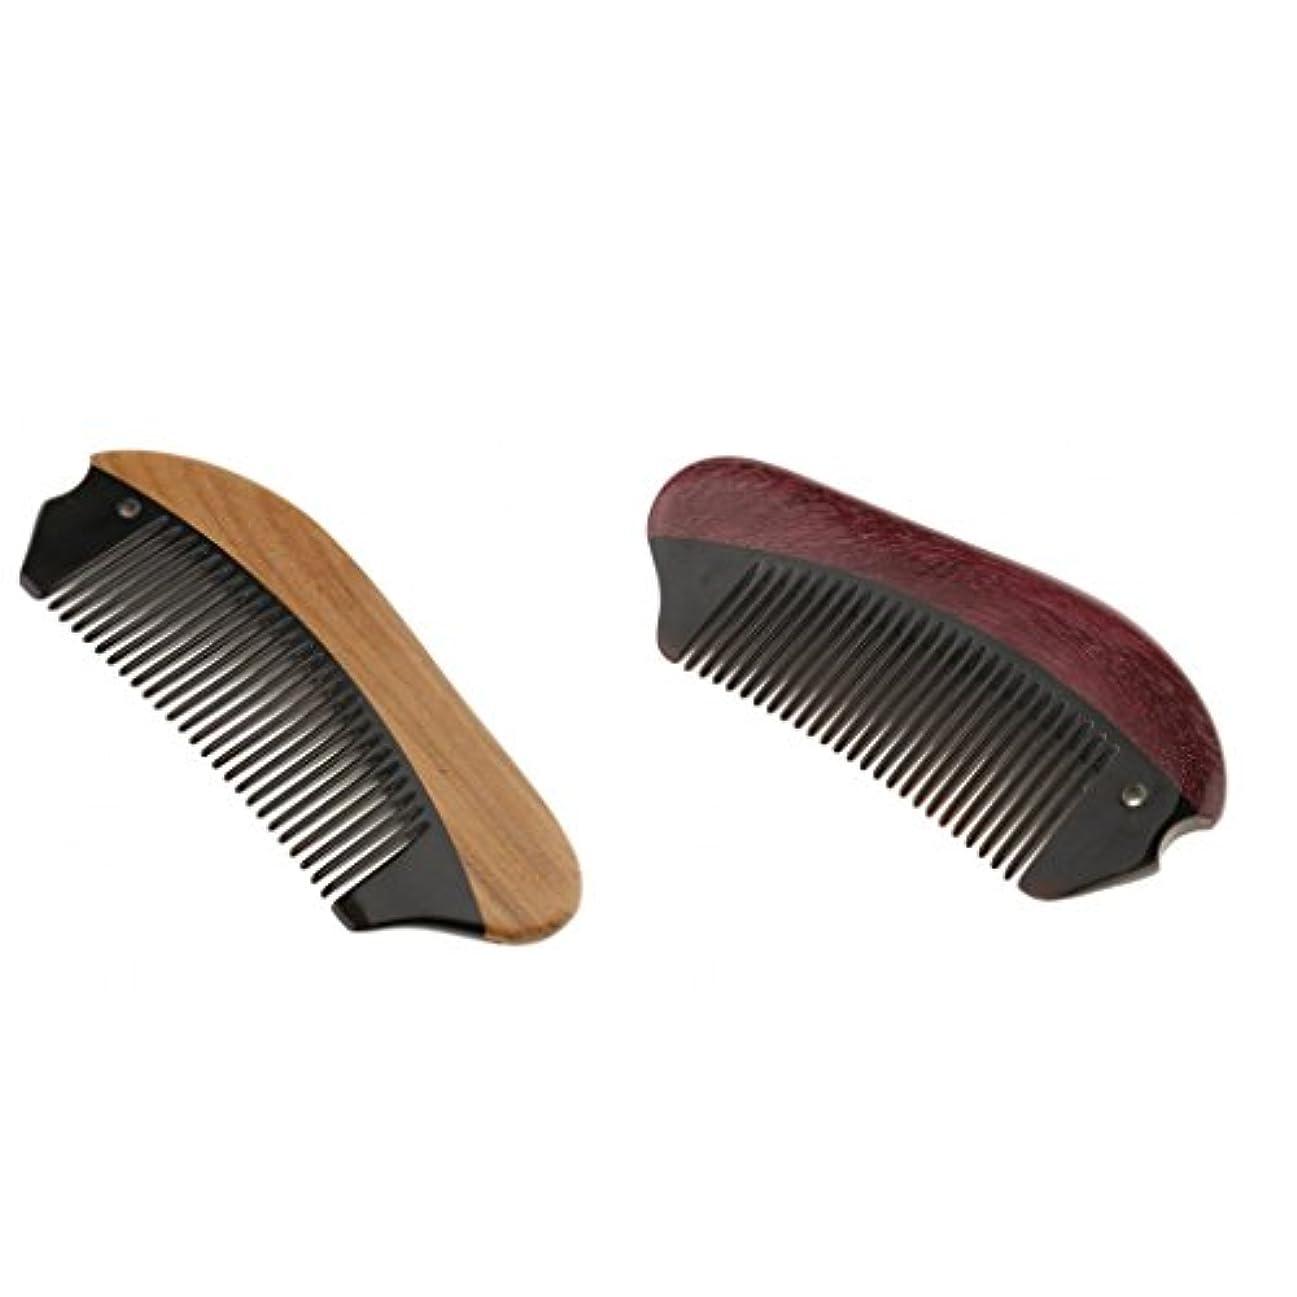 ファックス腹部ポールFenteer 2個 木製 櫛 コーム 静電気防止 ハート ウッド 髪 マッサージ